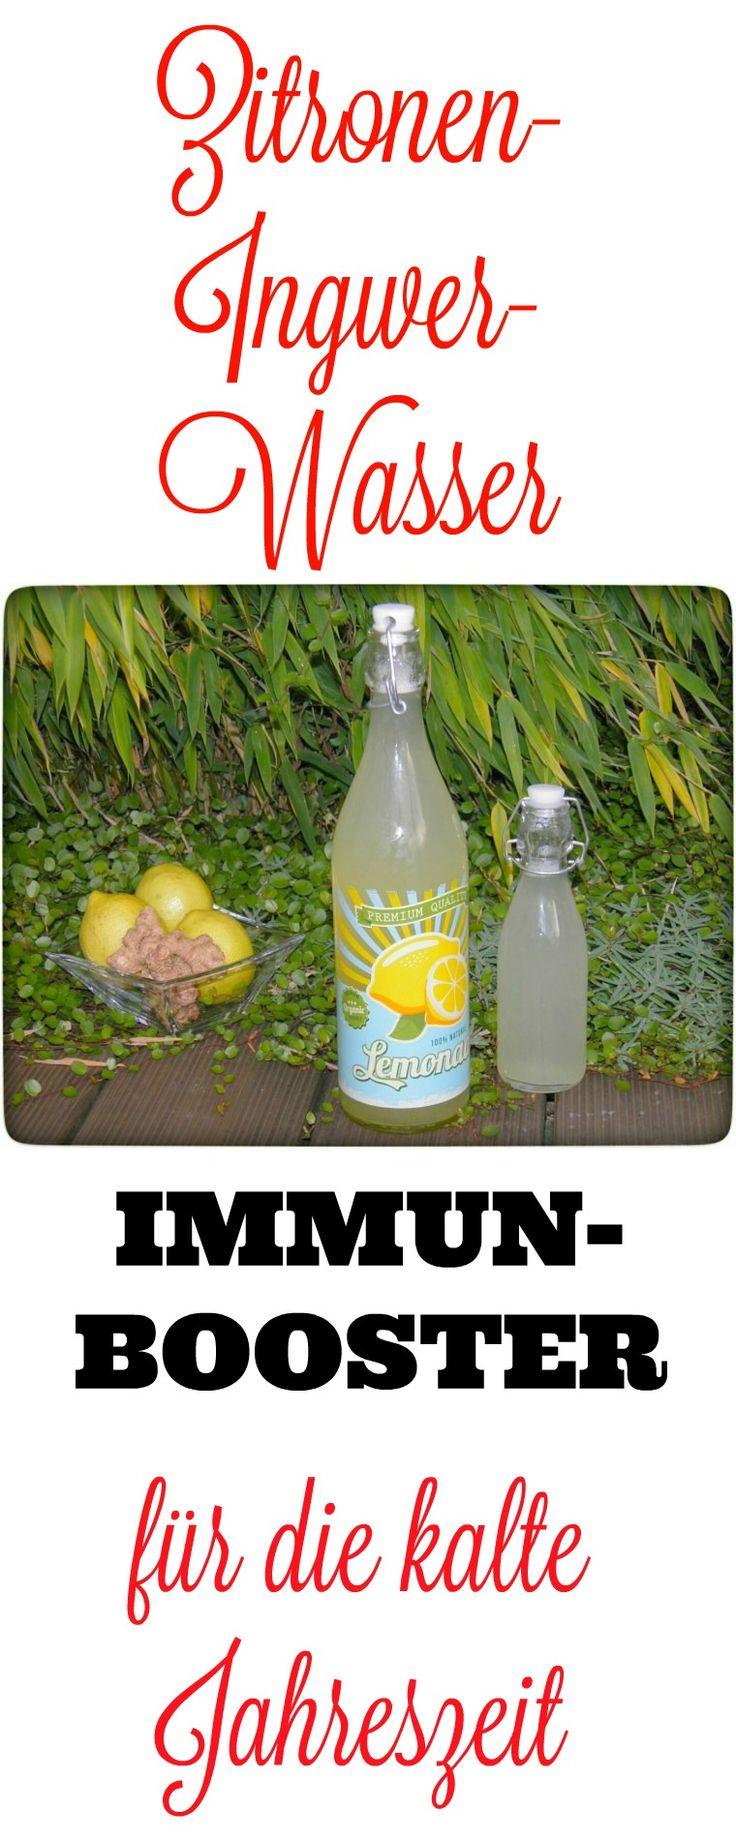 Schleicht sich wieder mal eine Erkältung an? Dann rate ich Euch zur Herstellung dieses Zitronen-Ingwer-Wassers und trinkt am besten, jetzt zur Herbst/Winterzeit, täglich davon. Es ist super bei Halsweh oder auch Erkältung. Es wird Euch hoffentlich schnell wieder auf die Beine bringen oder Euer Immunsystem so ankurbeln, dass ihr zuküntfitg (bei prophylaktischer Einnahme) nicht mal krank werdet.